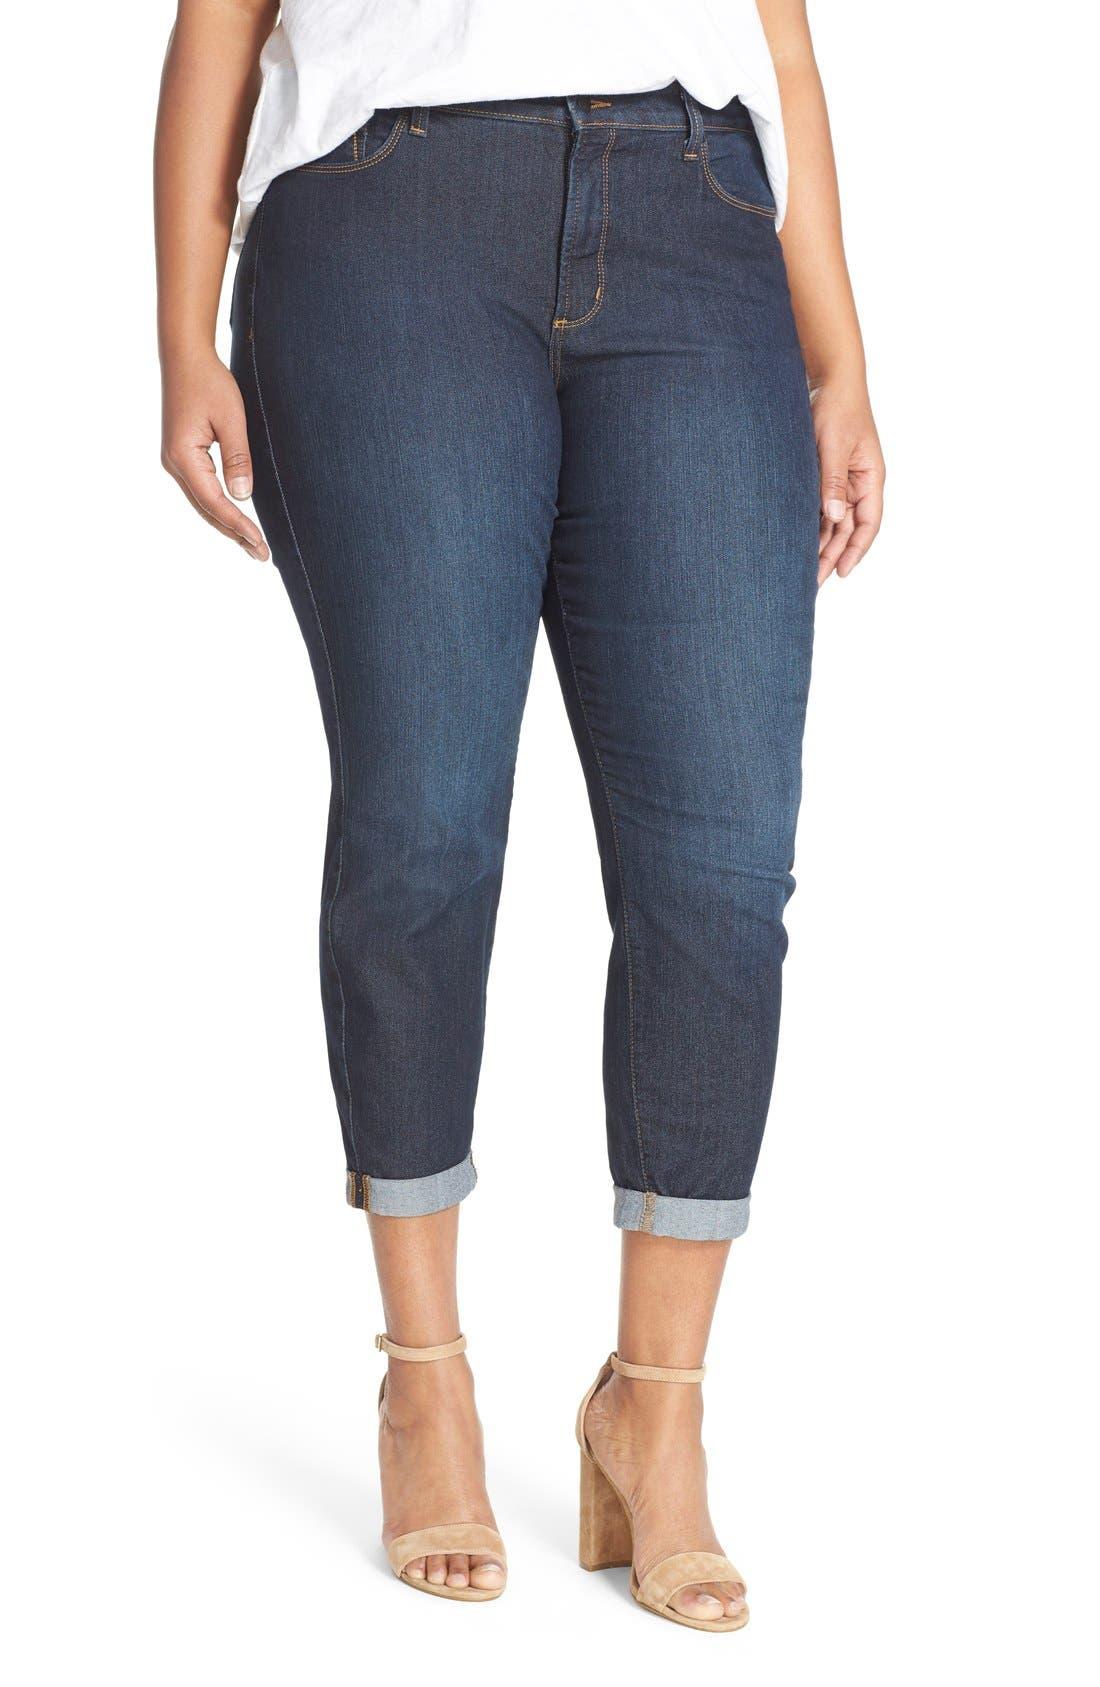 NYDJ Womens Anabelle Skinny Boyfriend Jeans